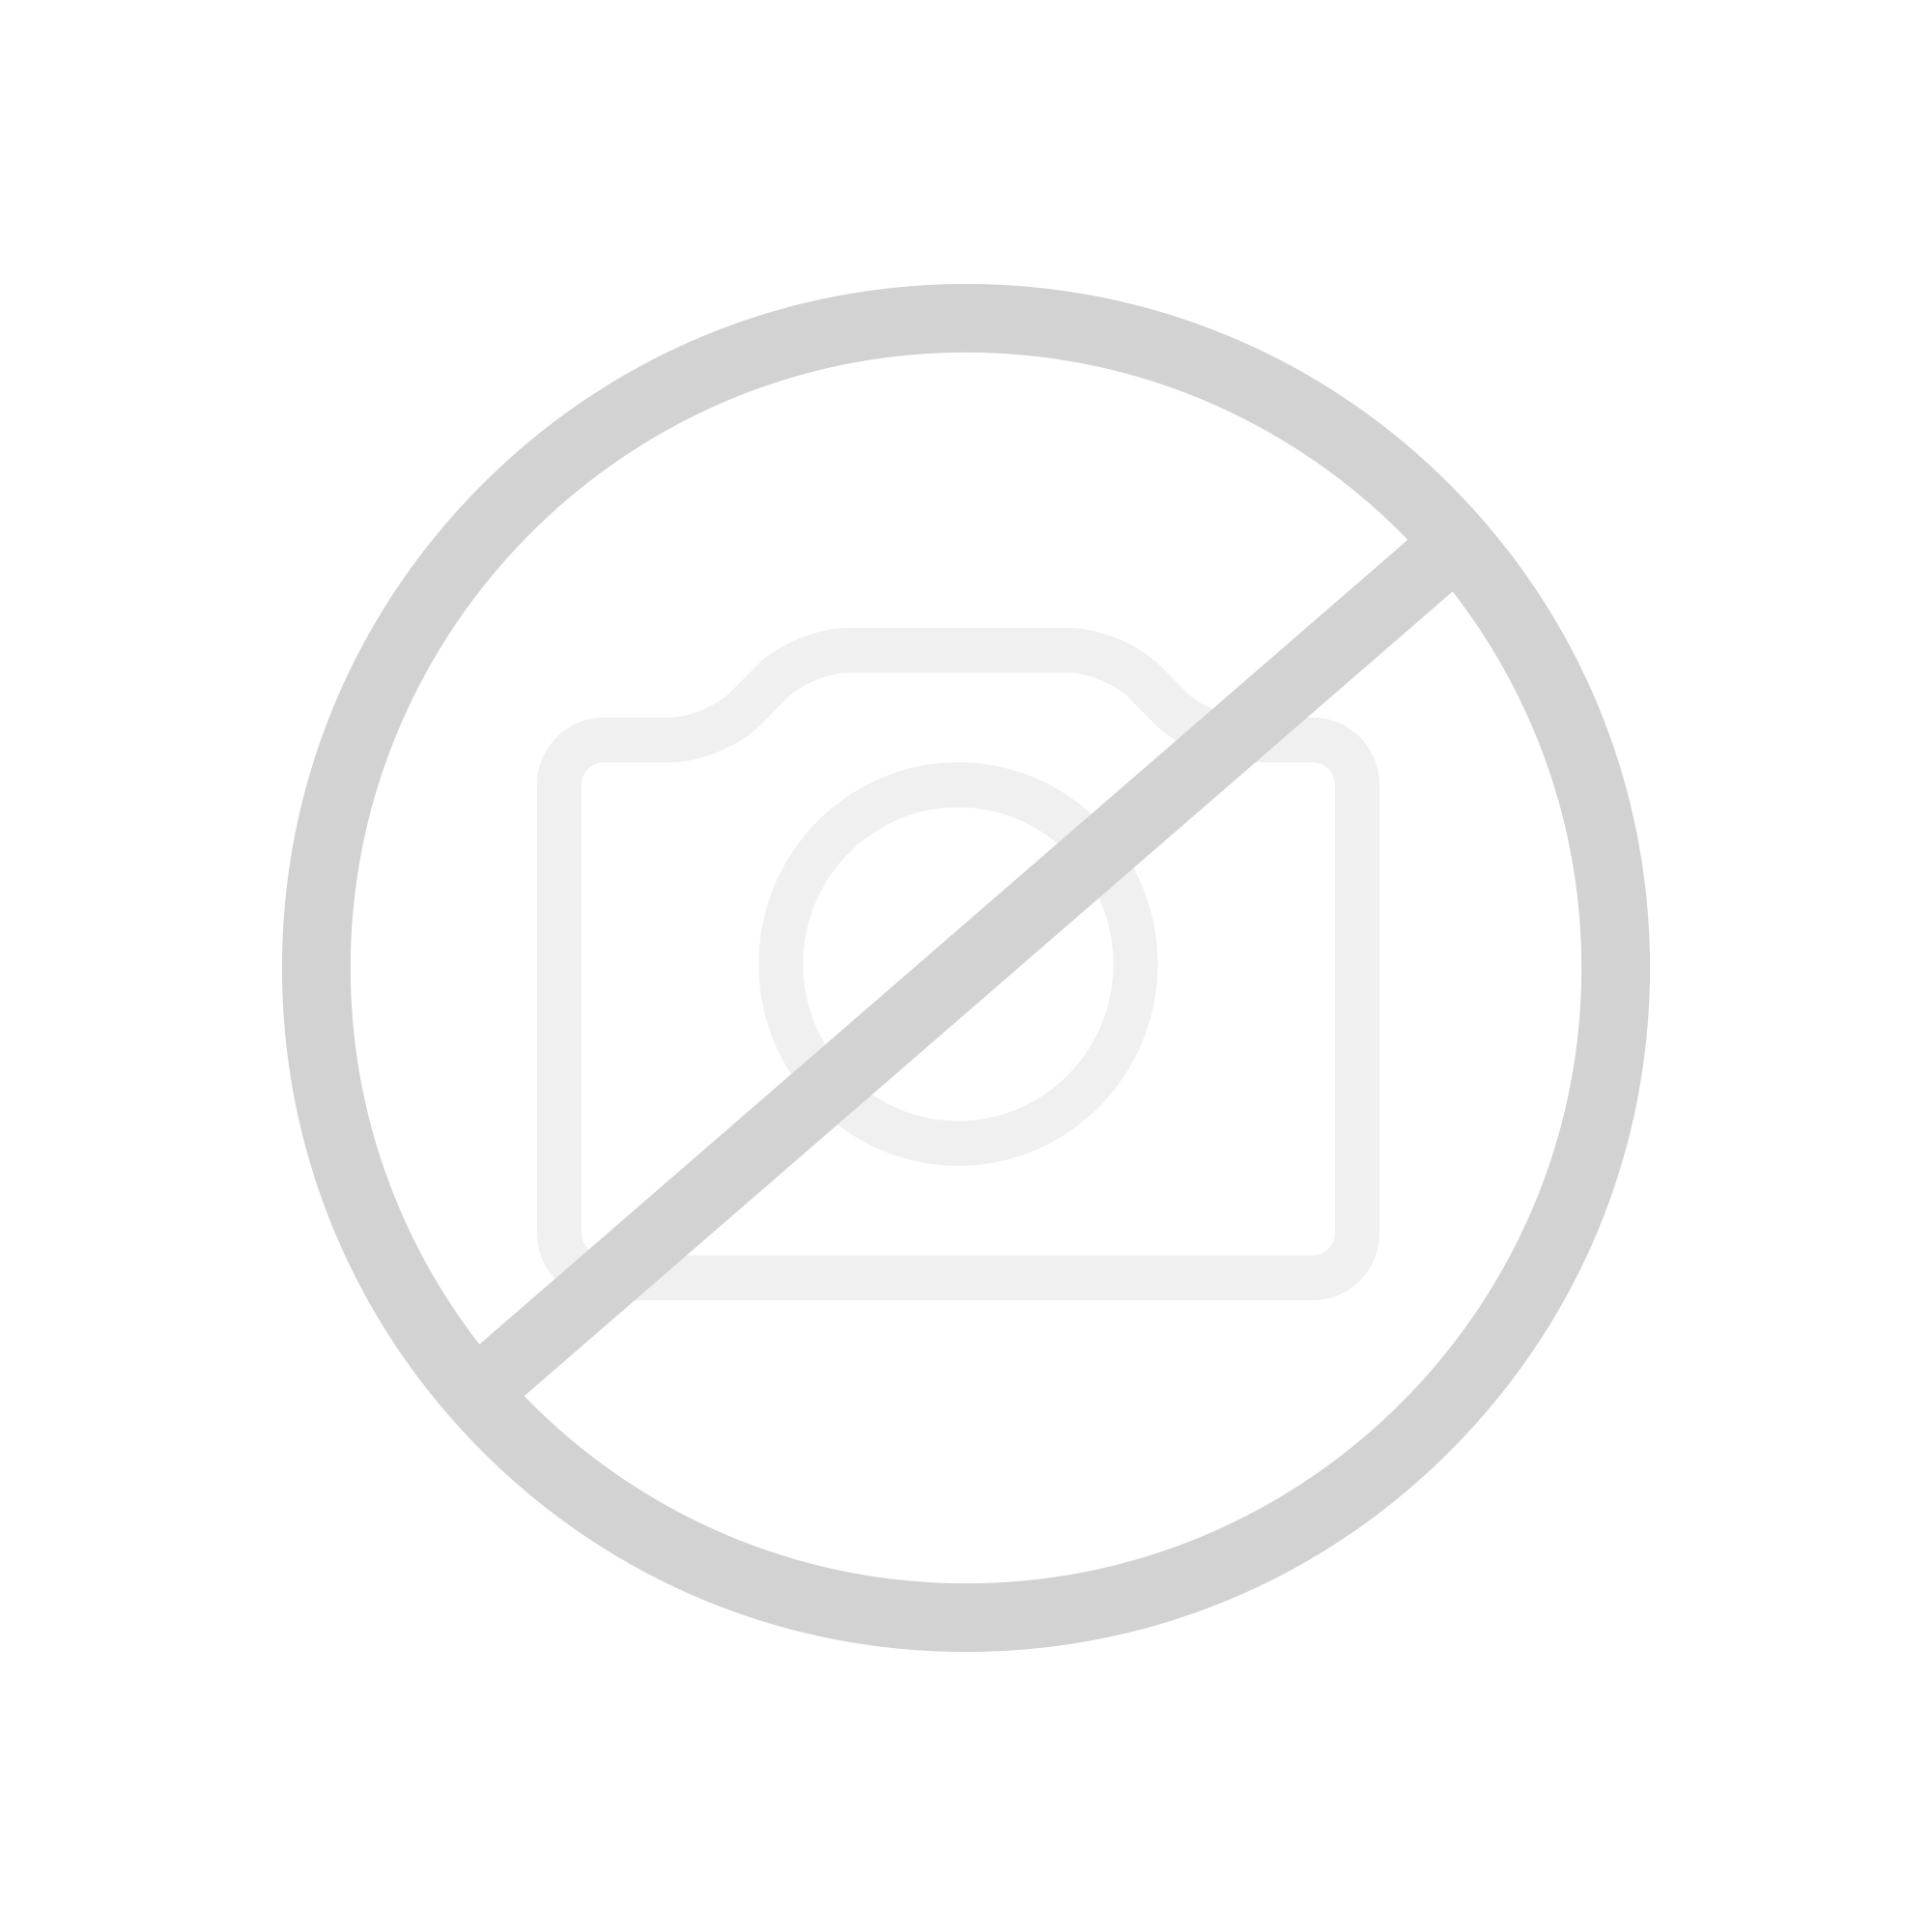 HSK ASP 300 Spiegelschrank   1102060B | Reuter Onlineshop